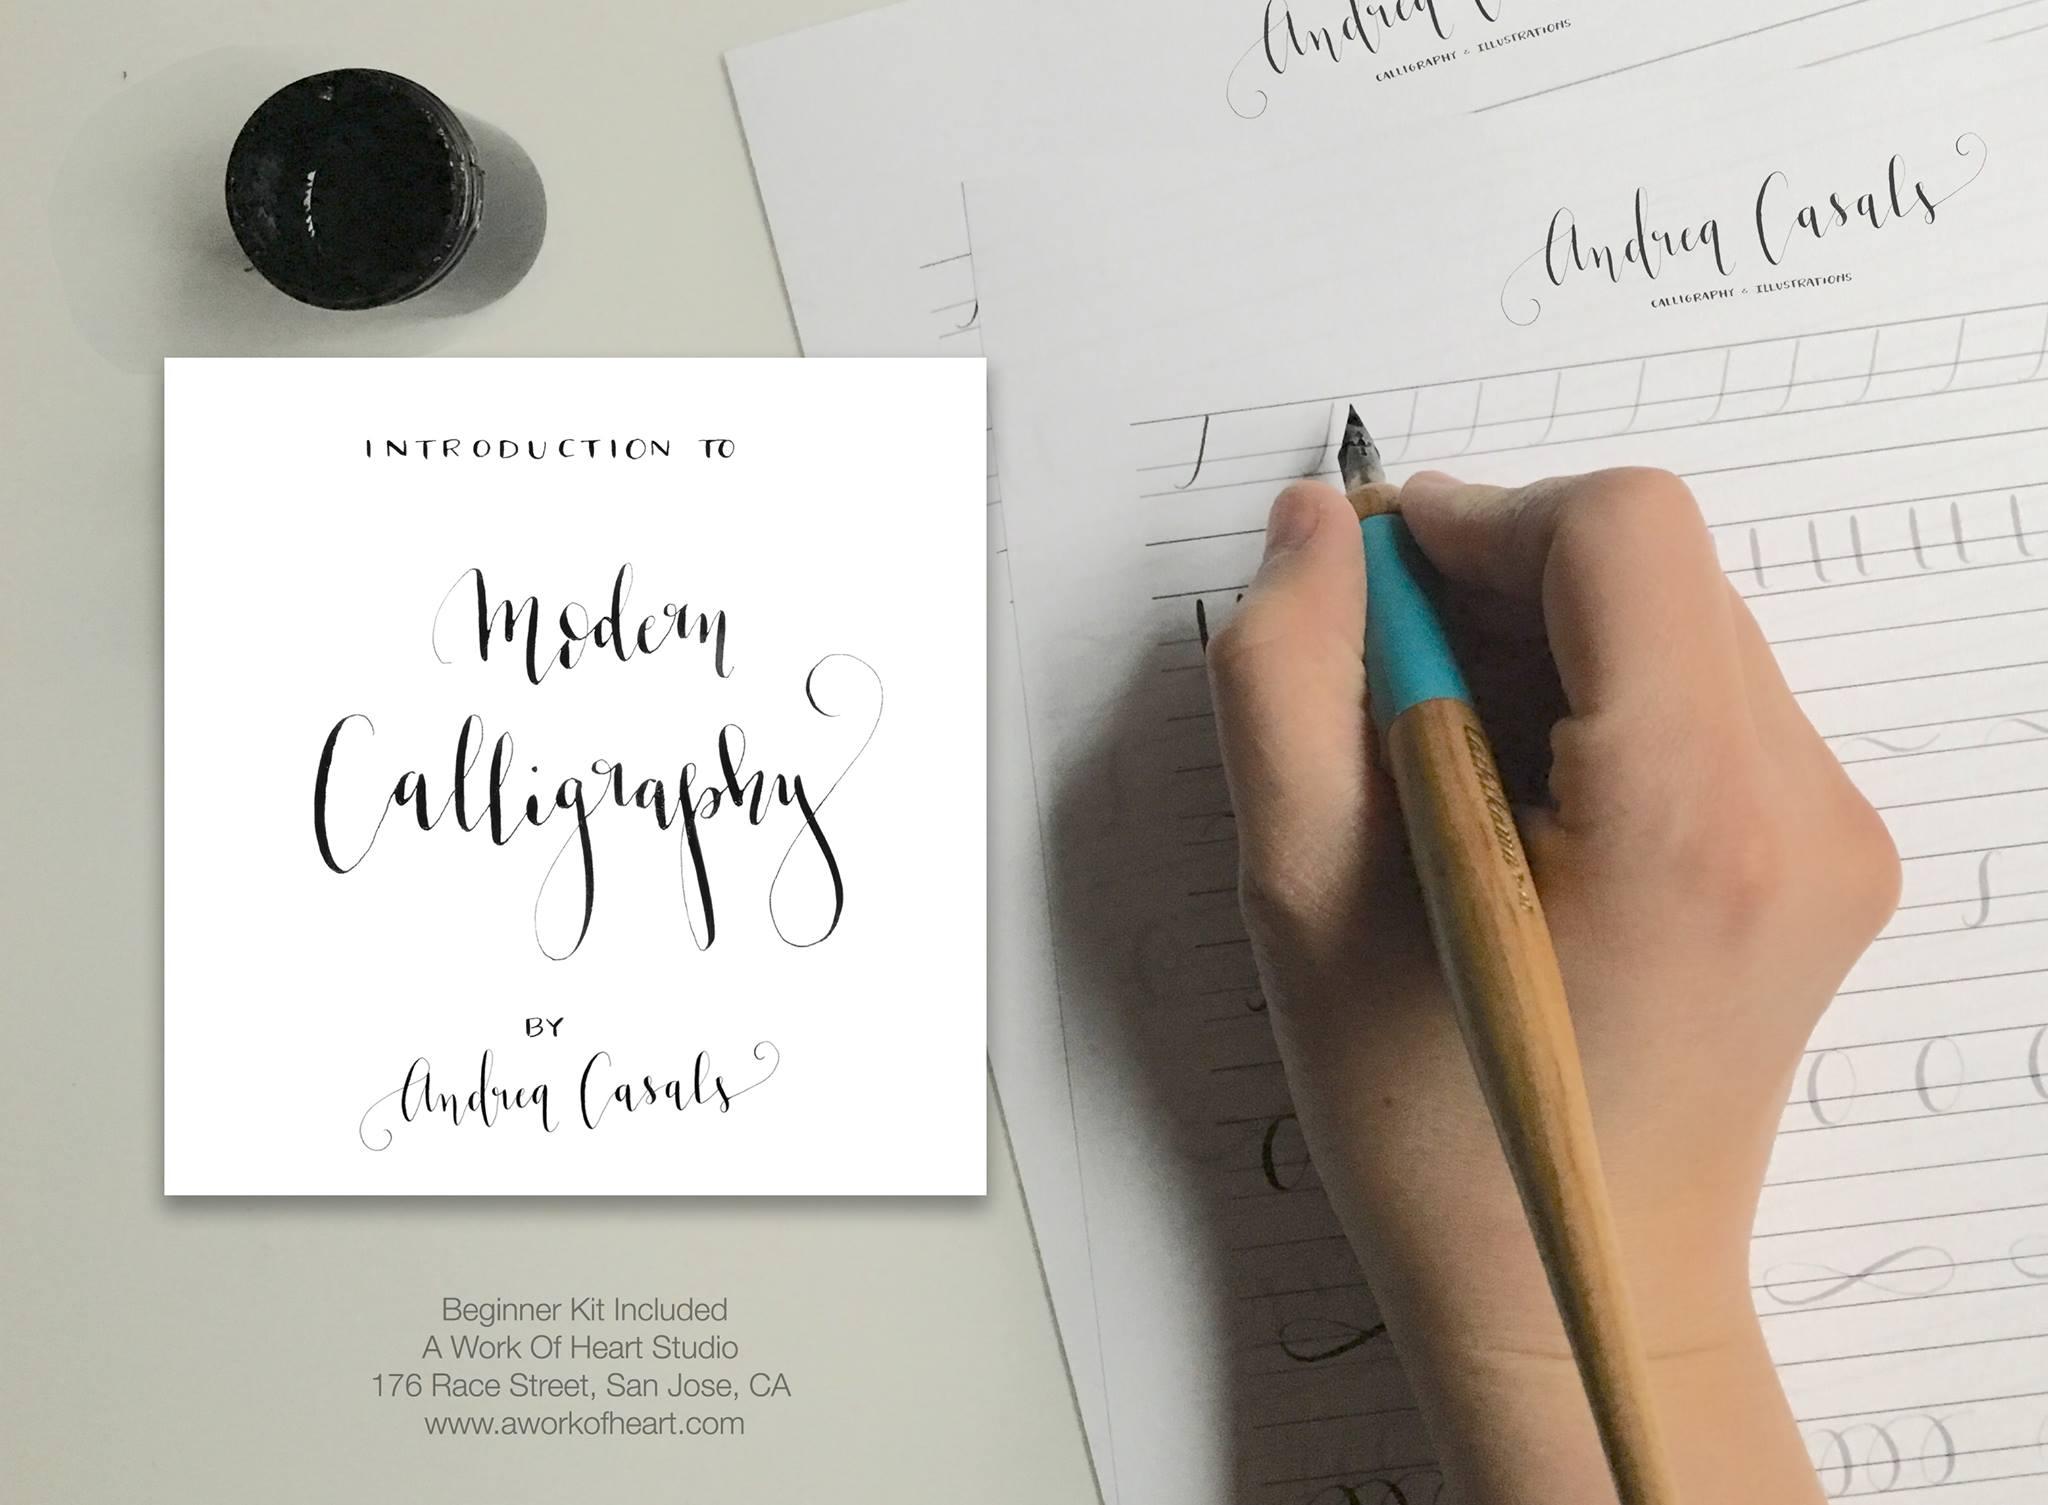 Calligraphy workshops u andrea casals